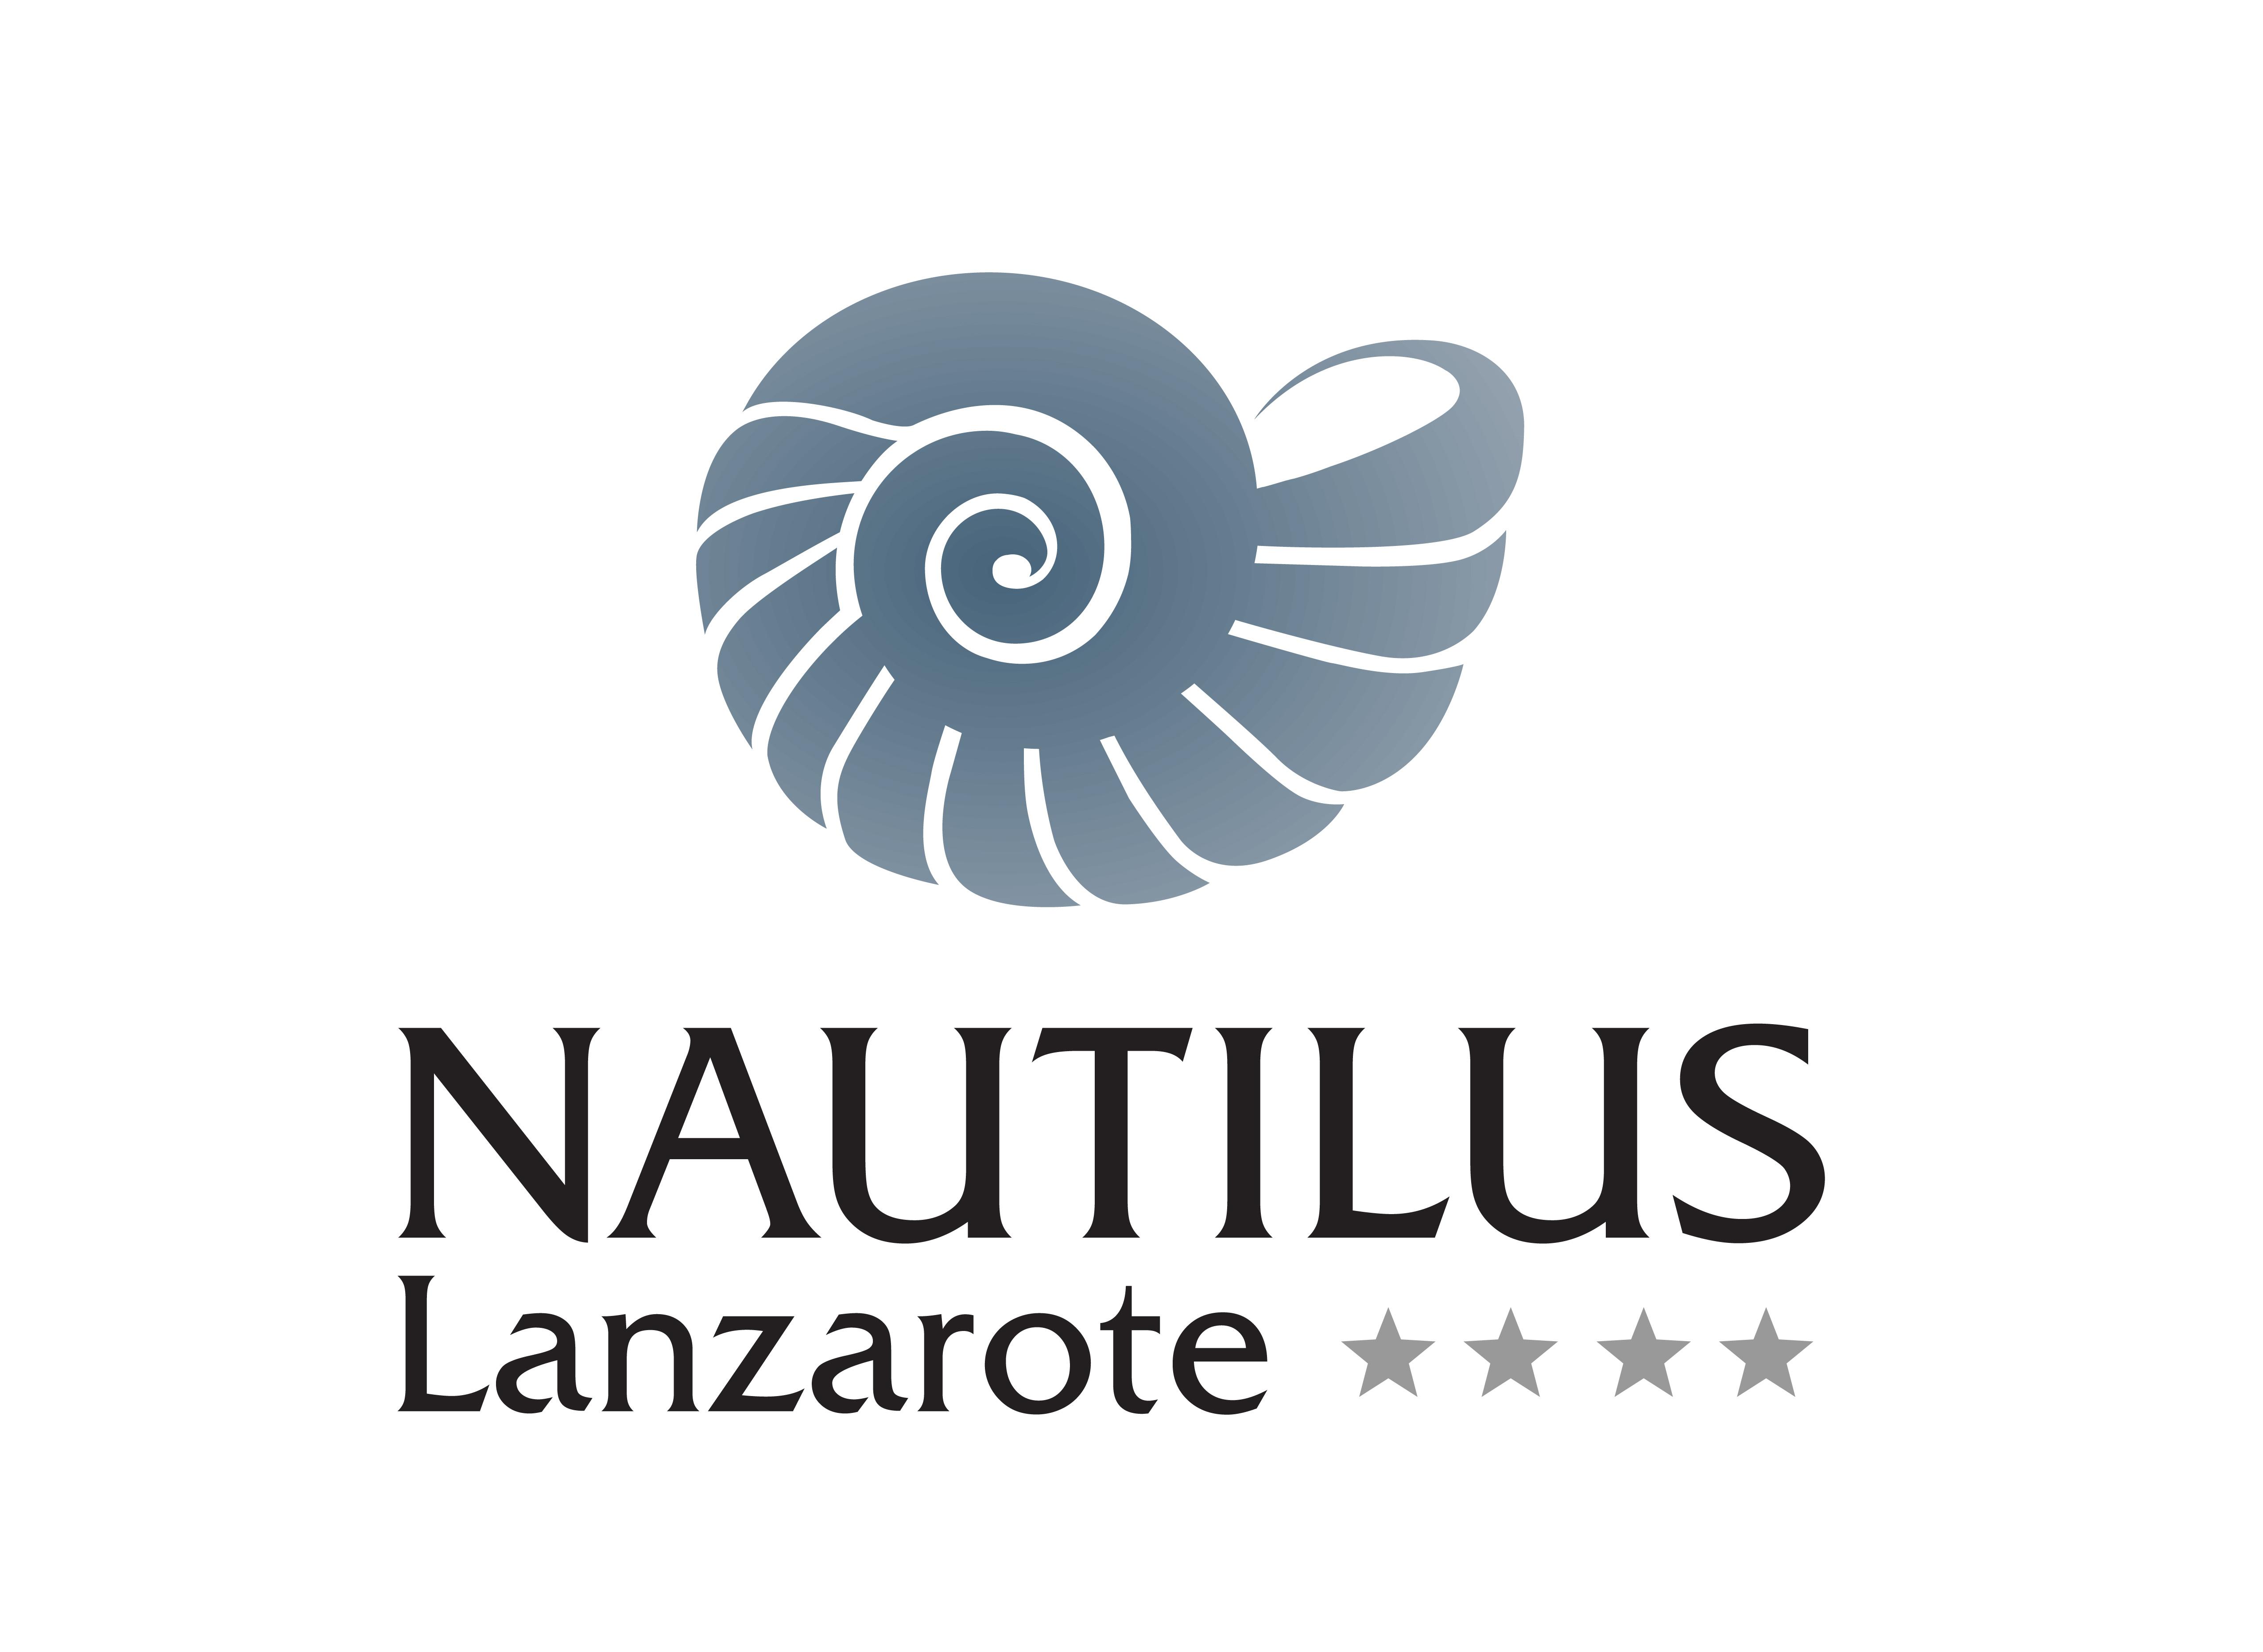 Nautilus Lanzarote